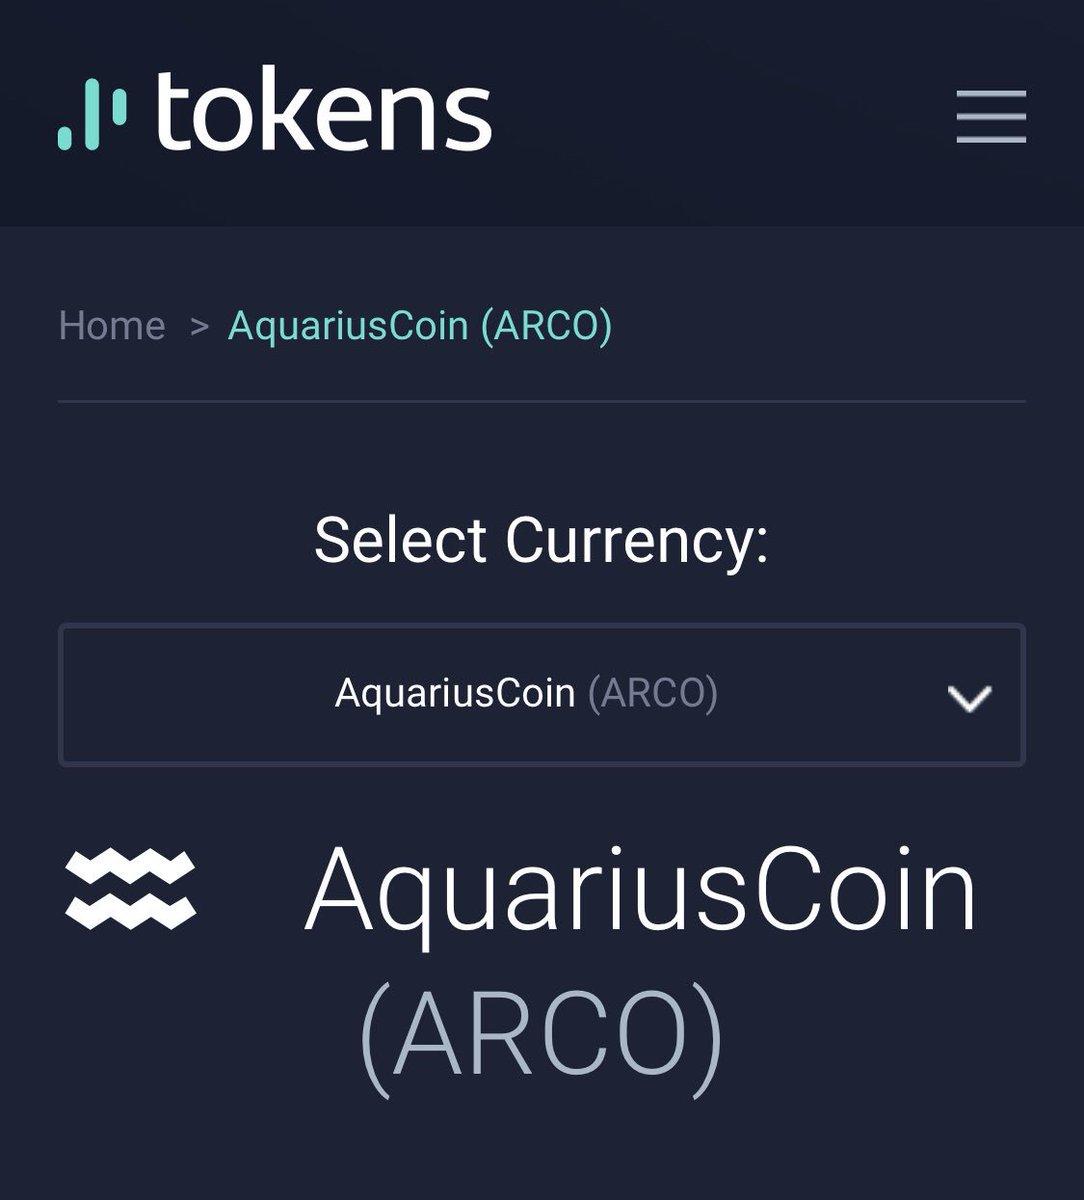 AquariusCoin ARCO